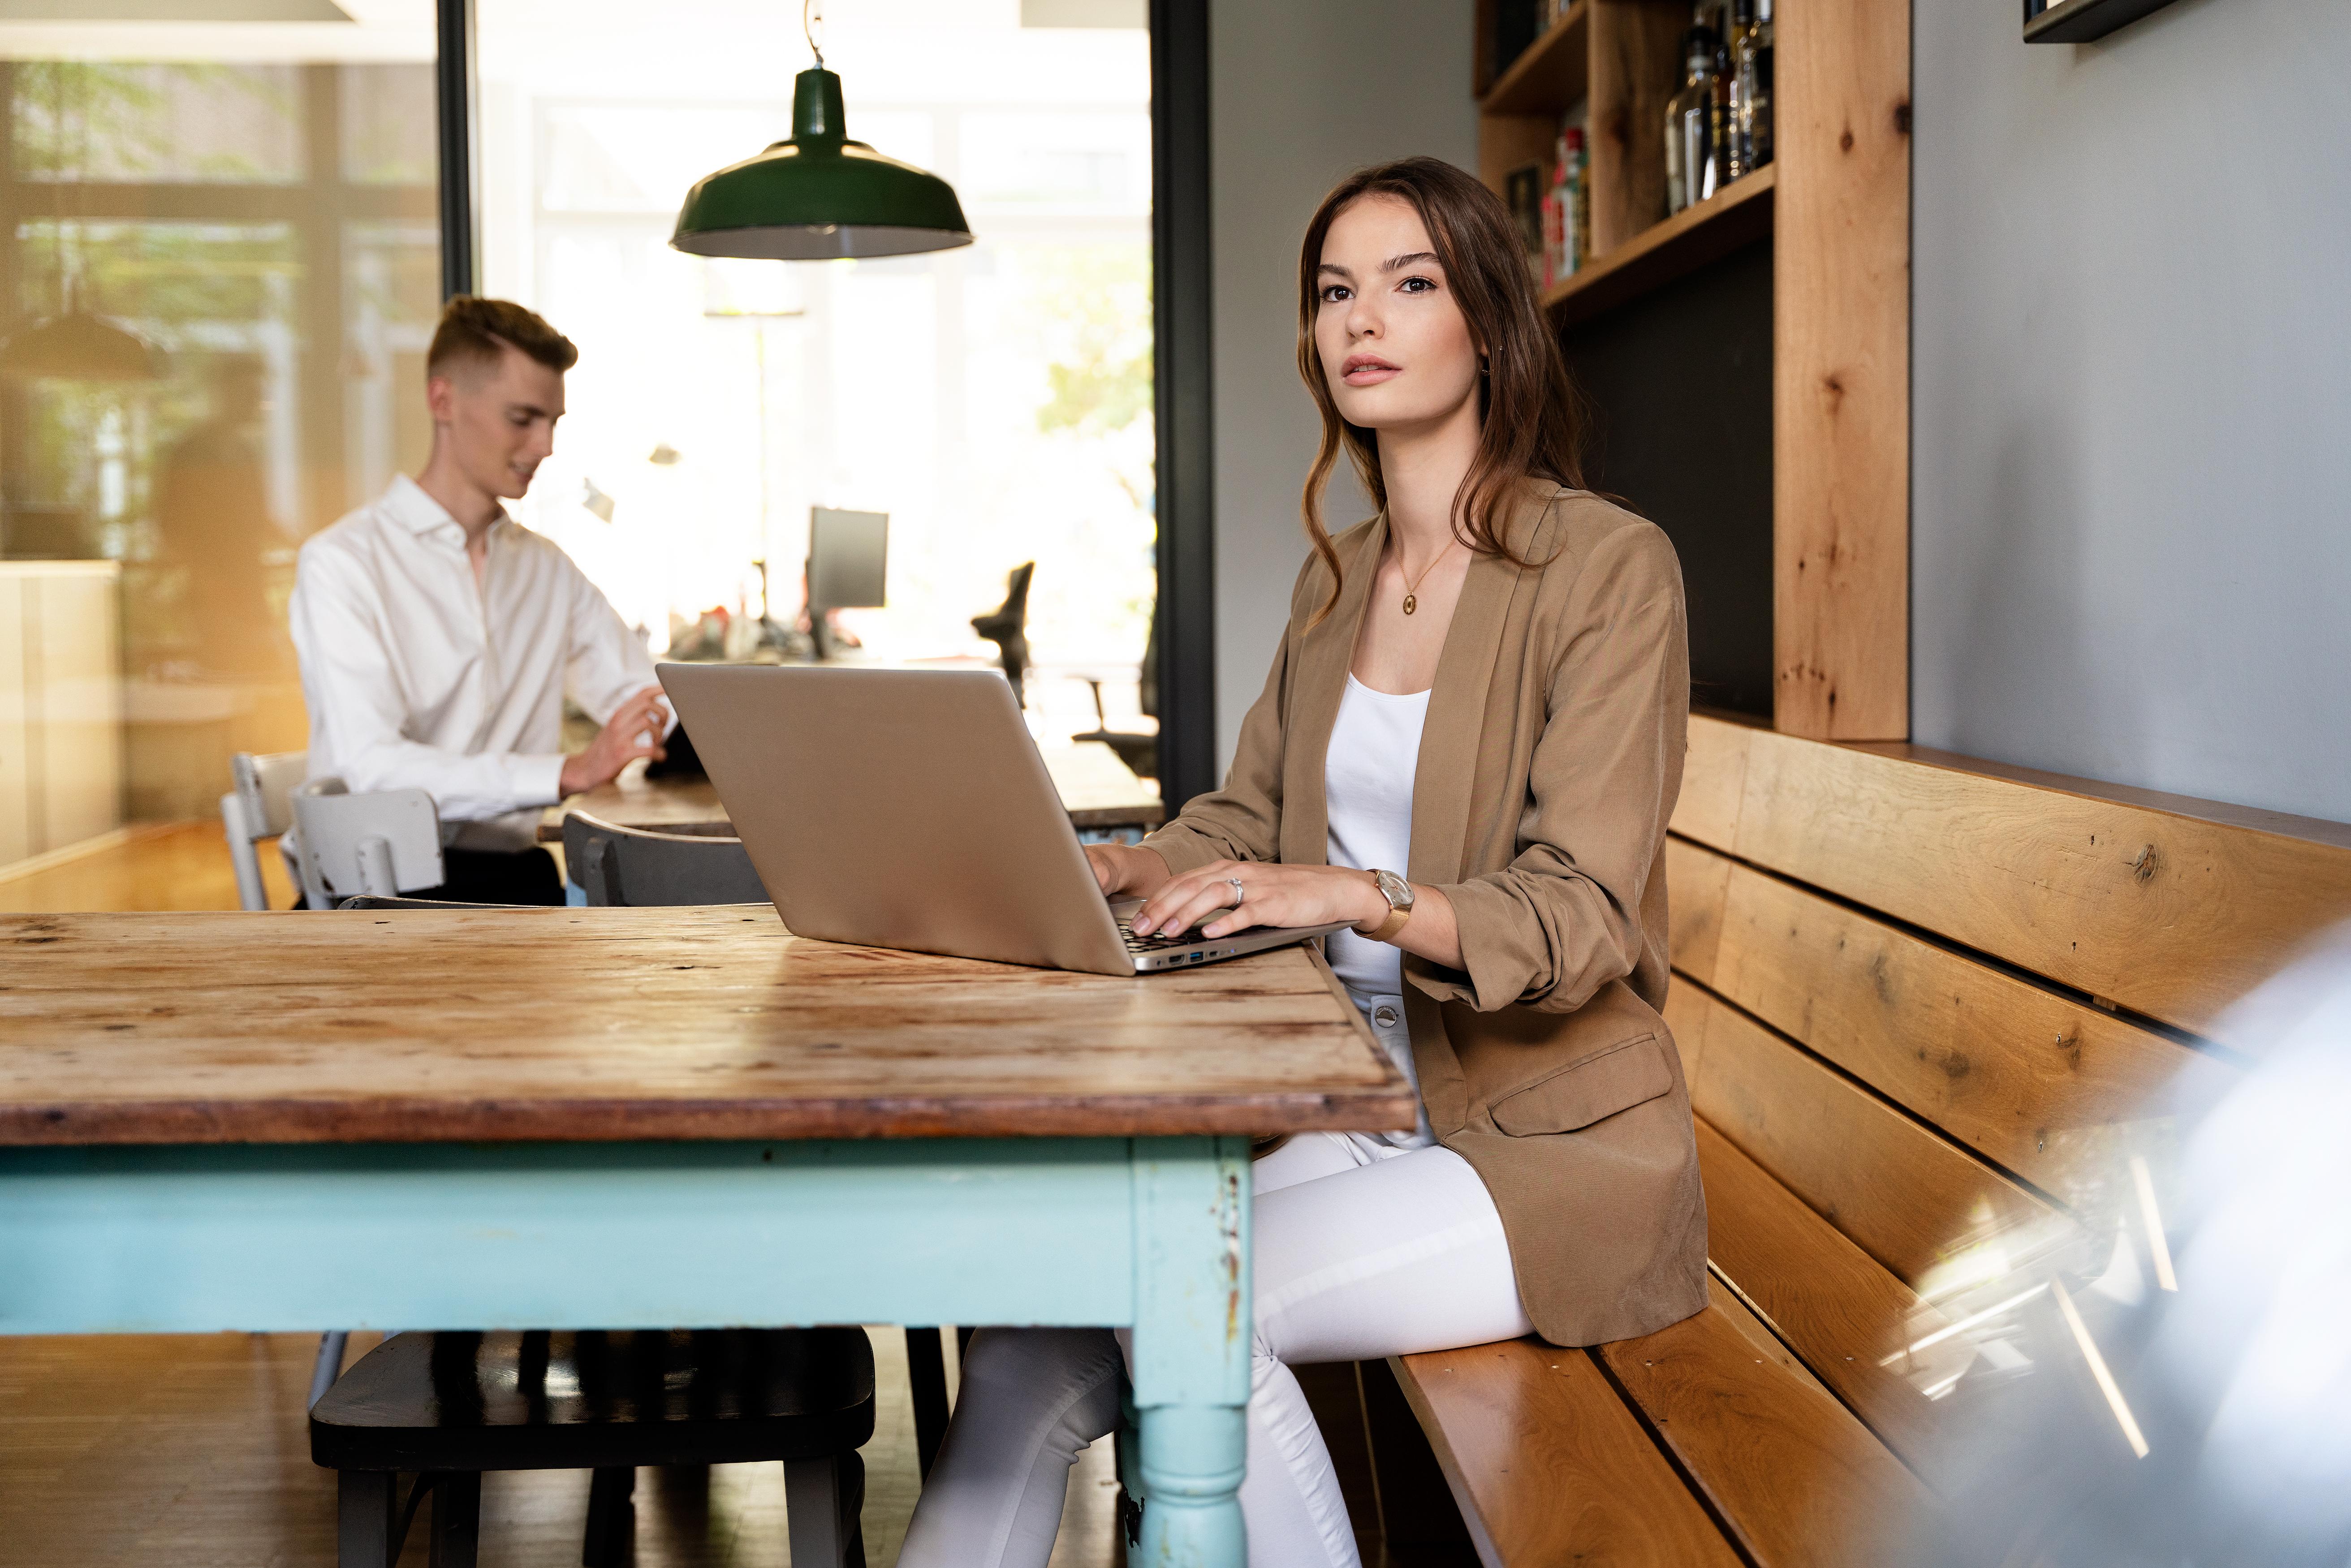 Junge Frau am Laptop in modernen Büro Räumlichkeiten